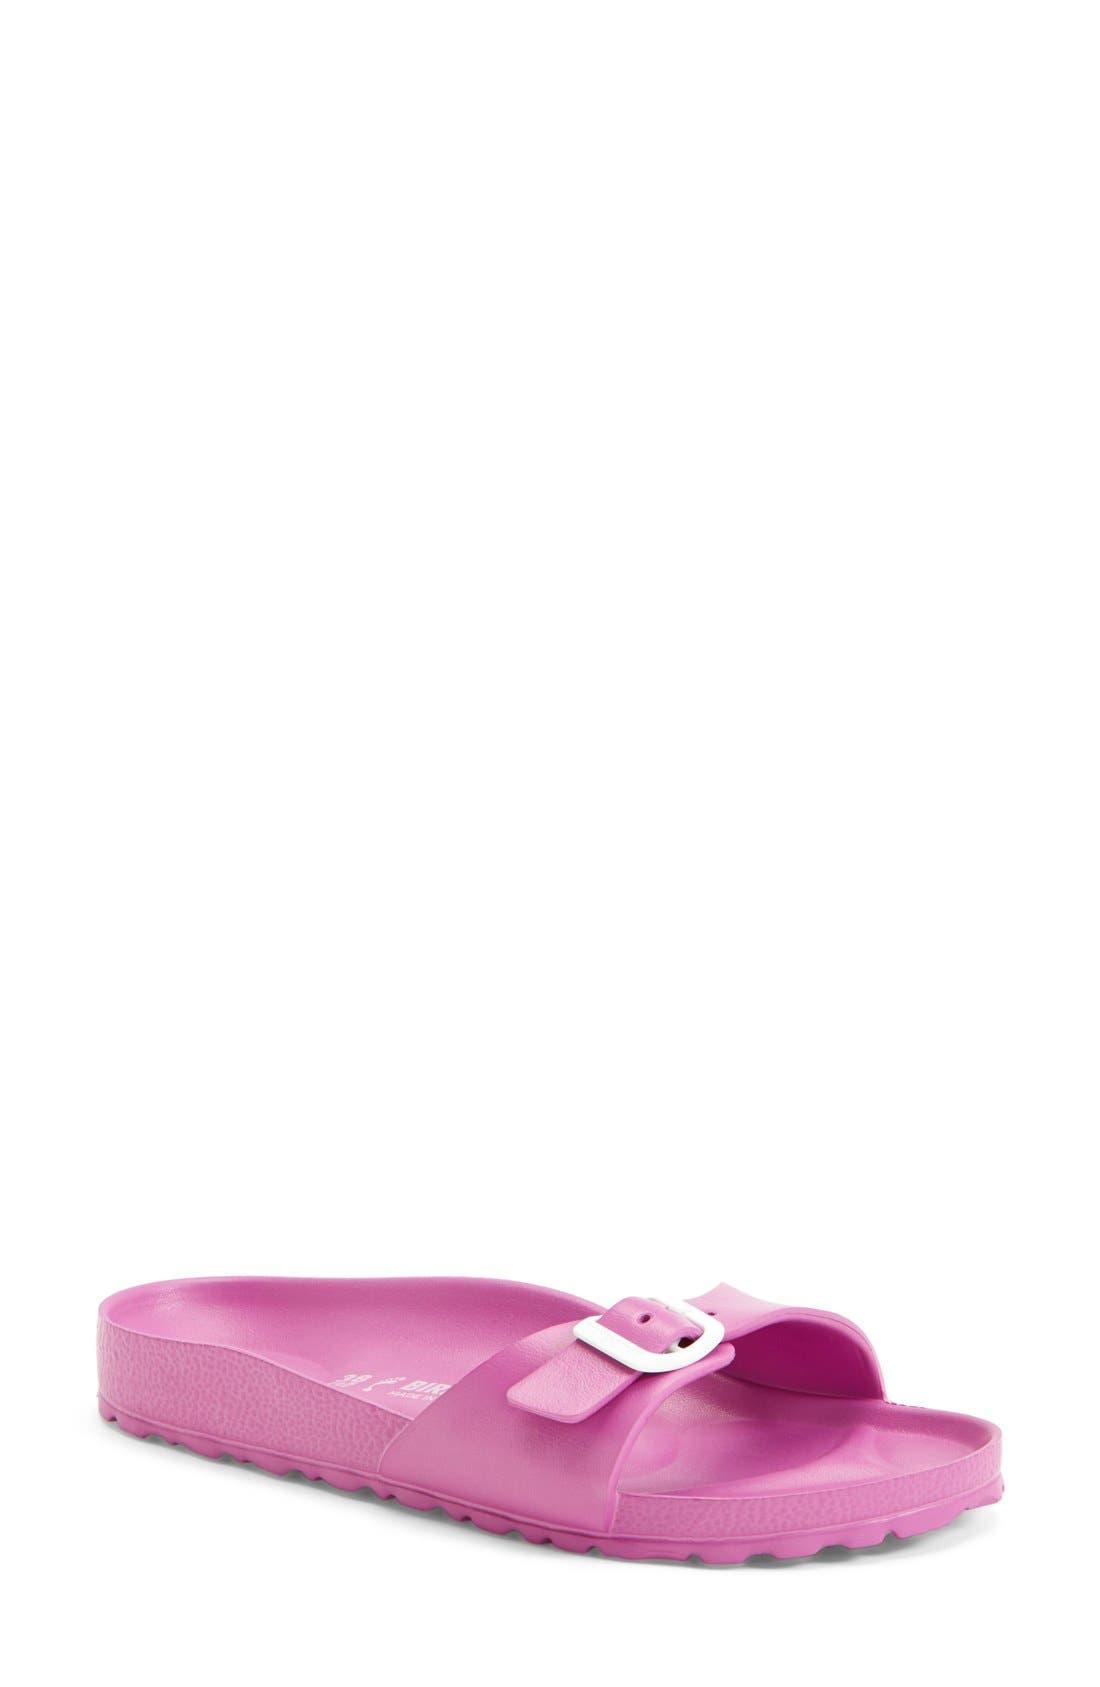 'Essentials - Madrid' Slide Sandal,                         Main,                         color, Pink